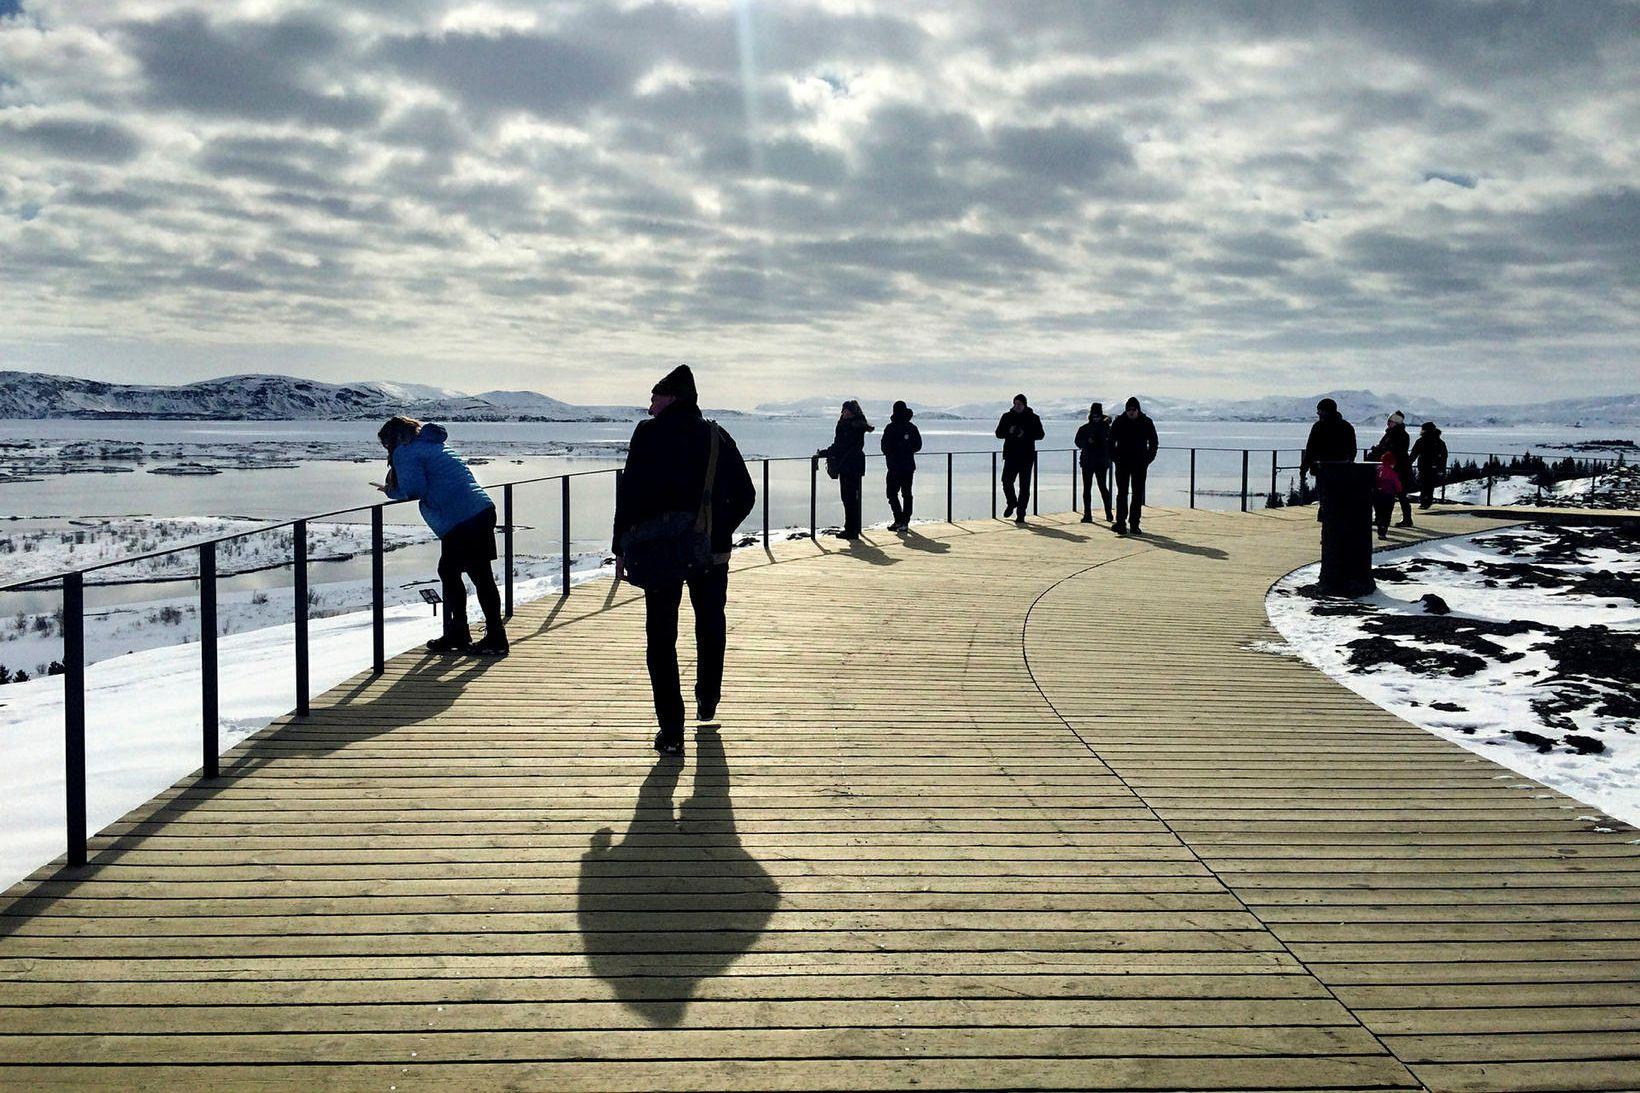 Markaðsátakið Ísland saman í sókn er stærsta fyrirhugaða verkefni Íslandsstofu …